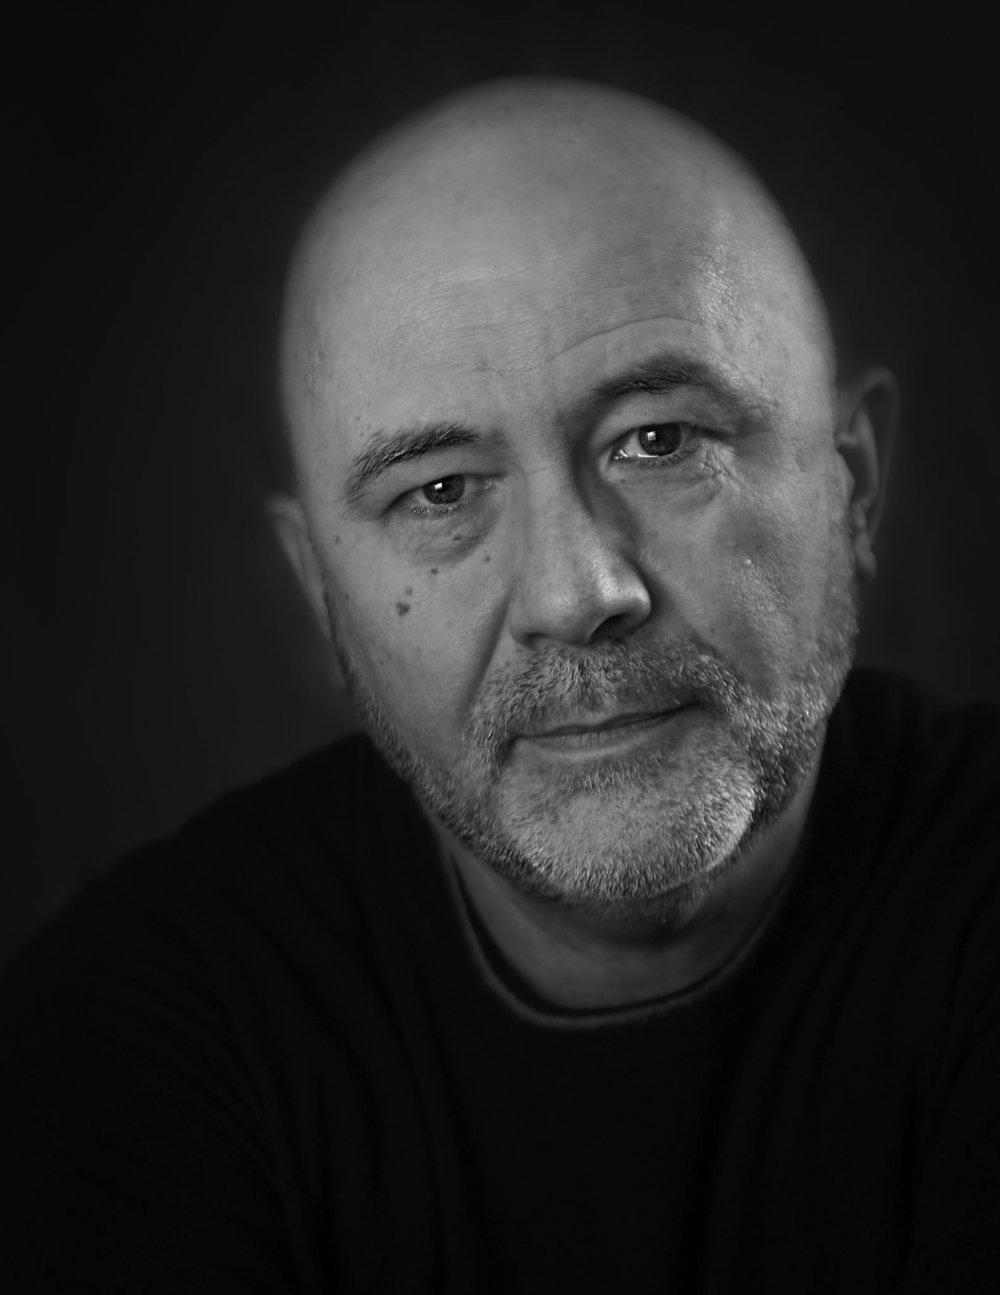 Анатолий Непокульчицкий